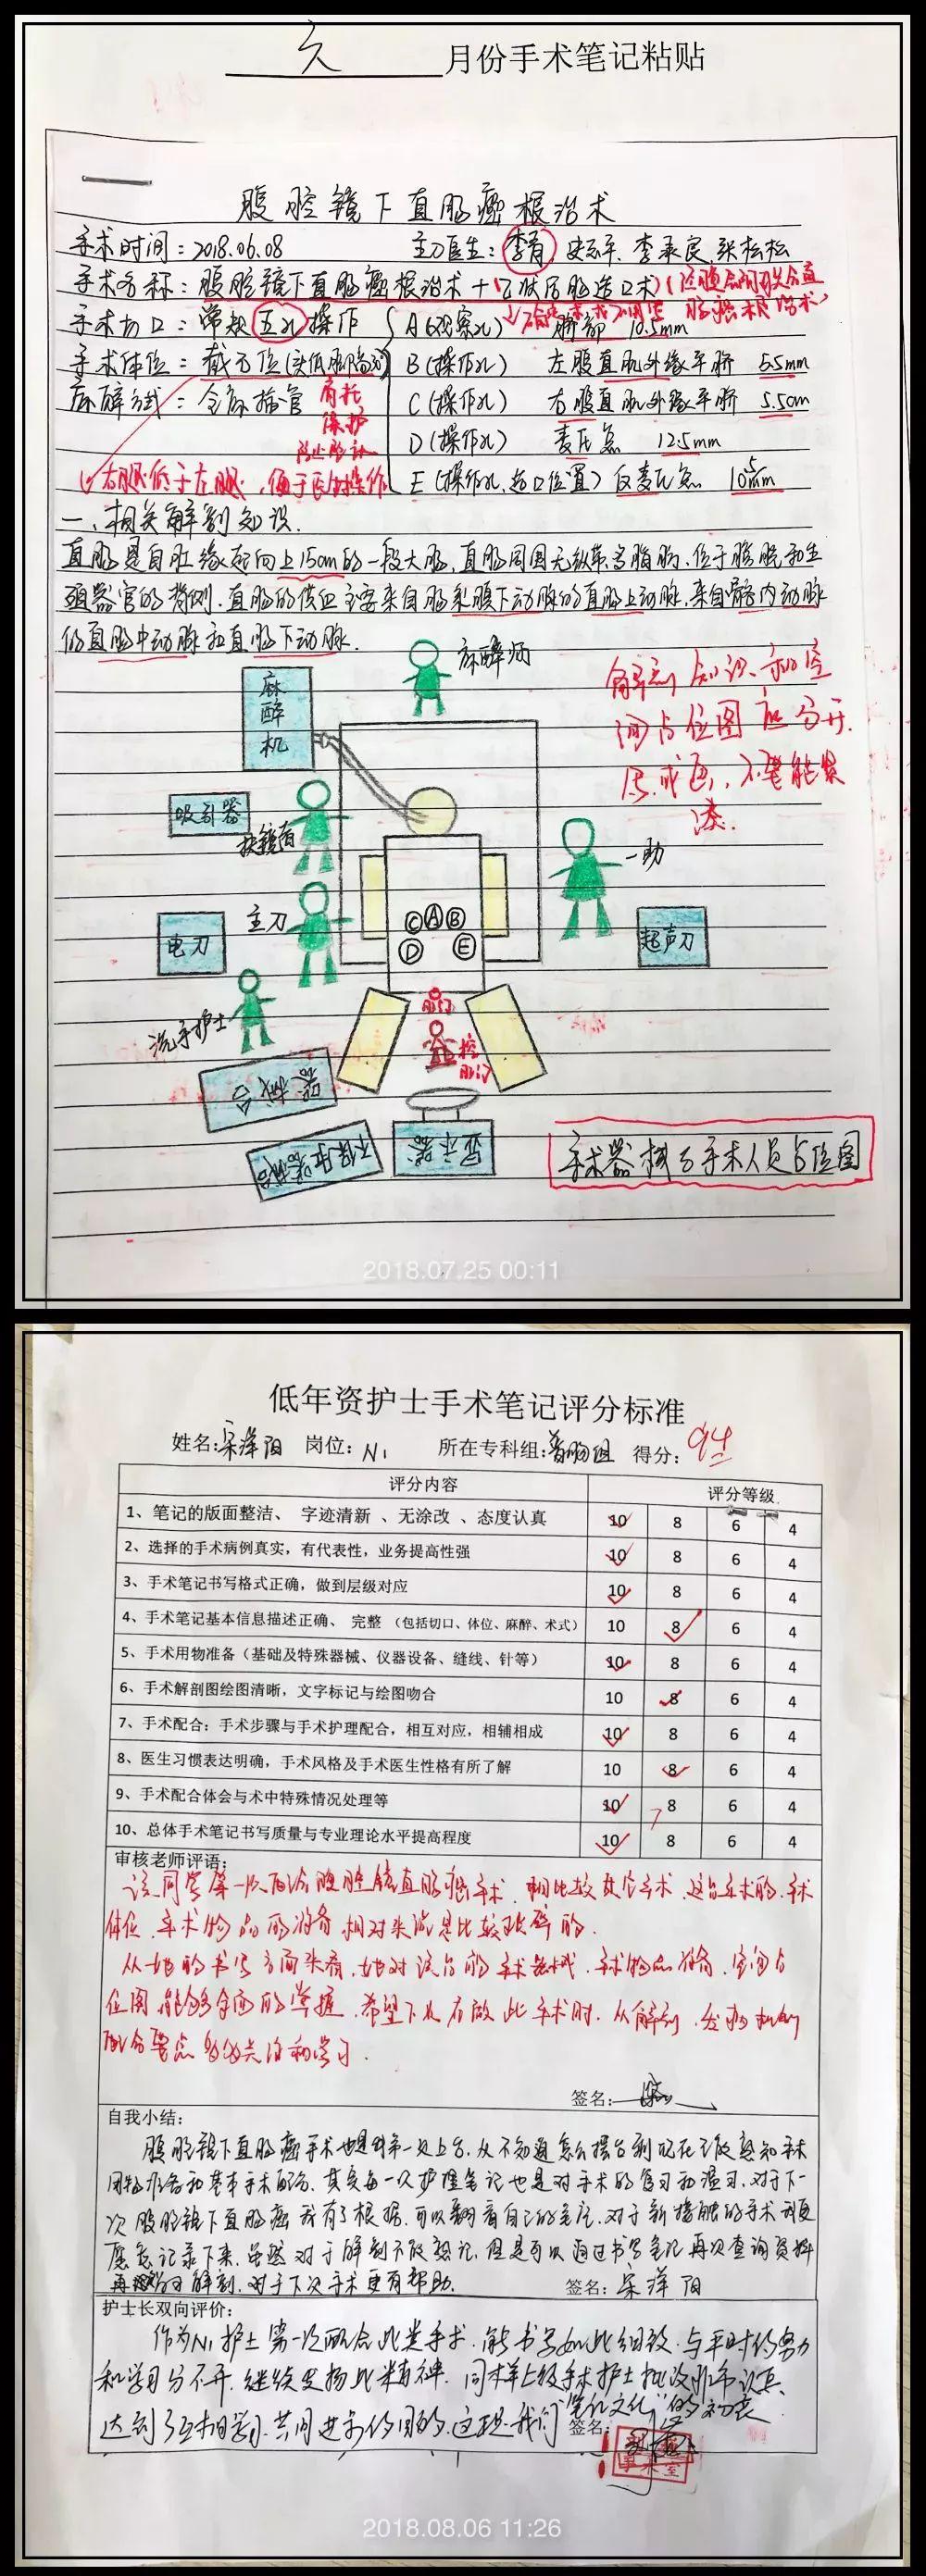 优质课手绘学习笔记